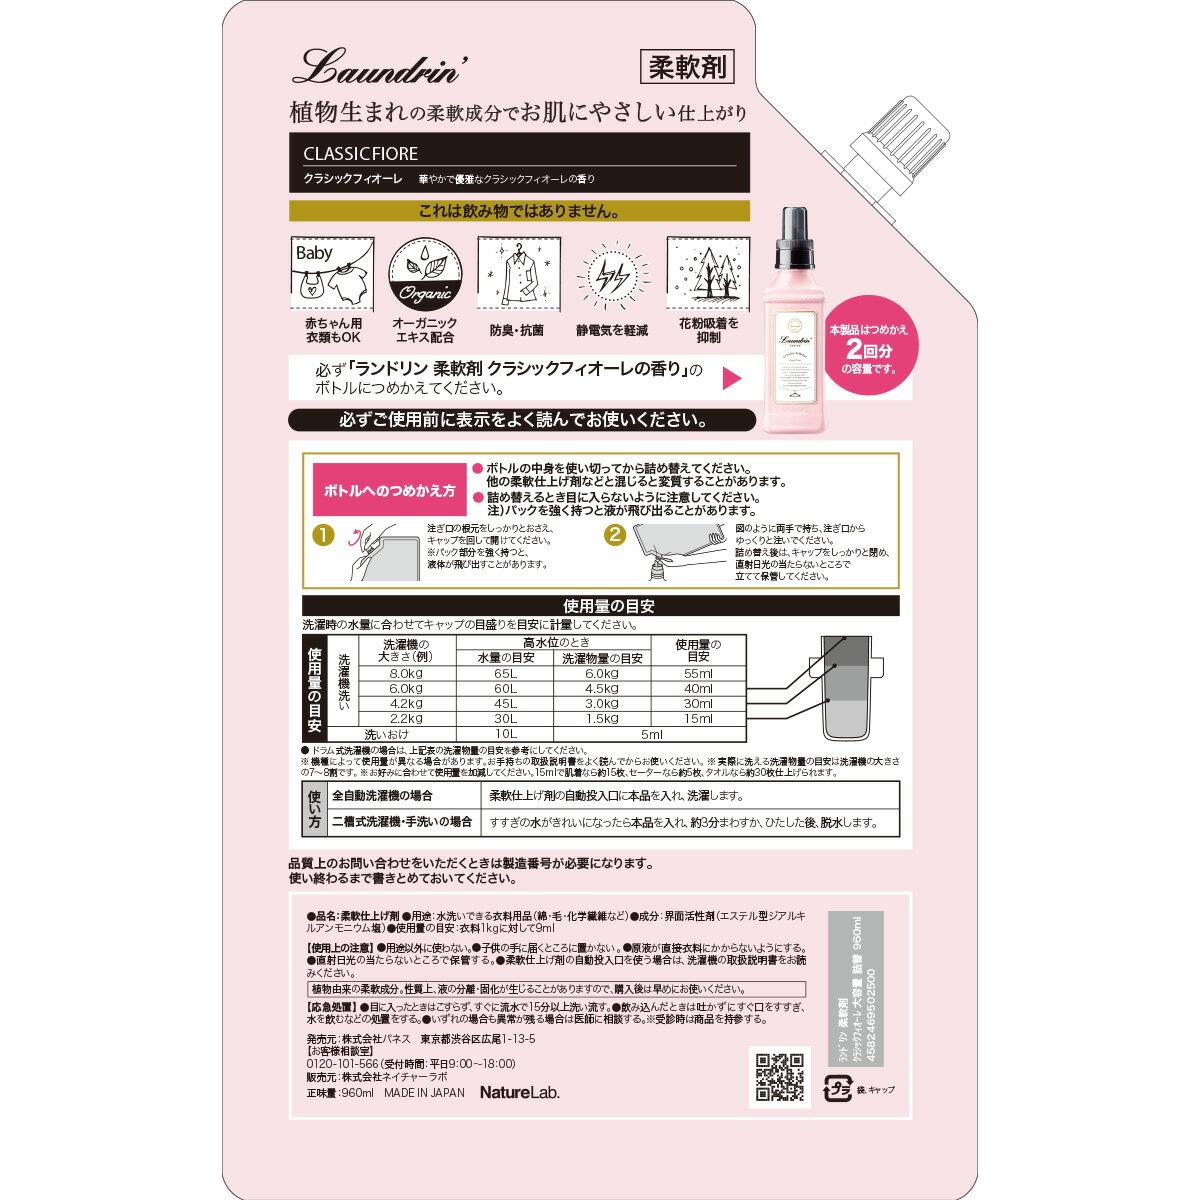 ランドリン laundrin 詰め替え 柔軟剤 クラシックフィオーレ 大容量 960ml 5個セット